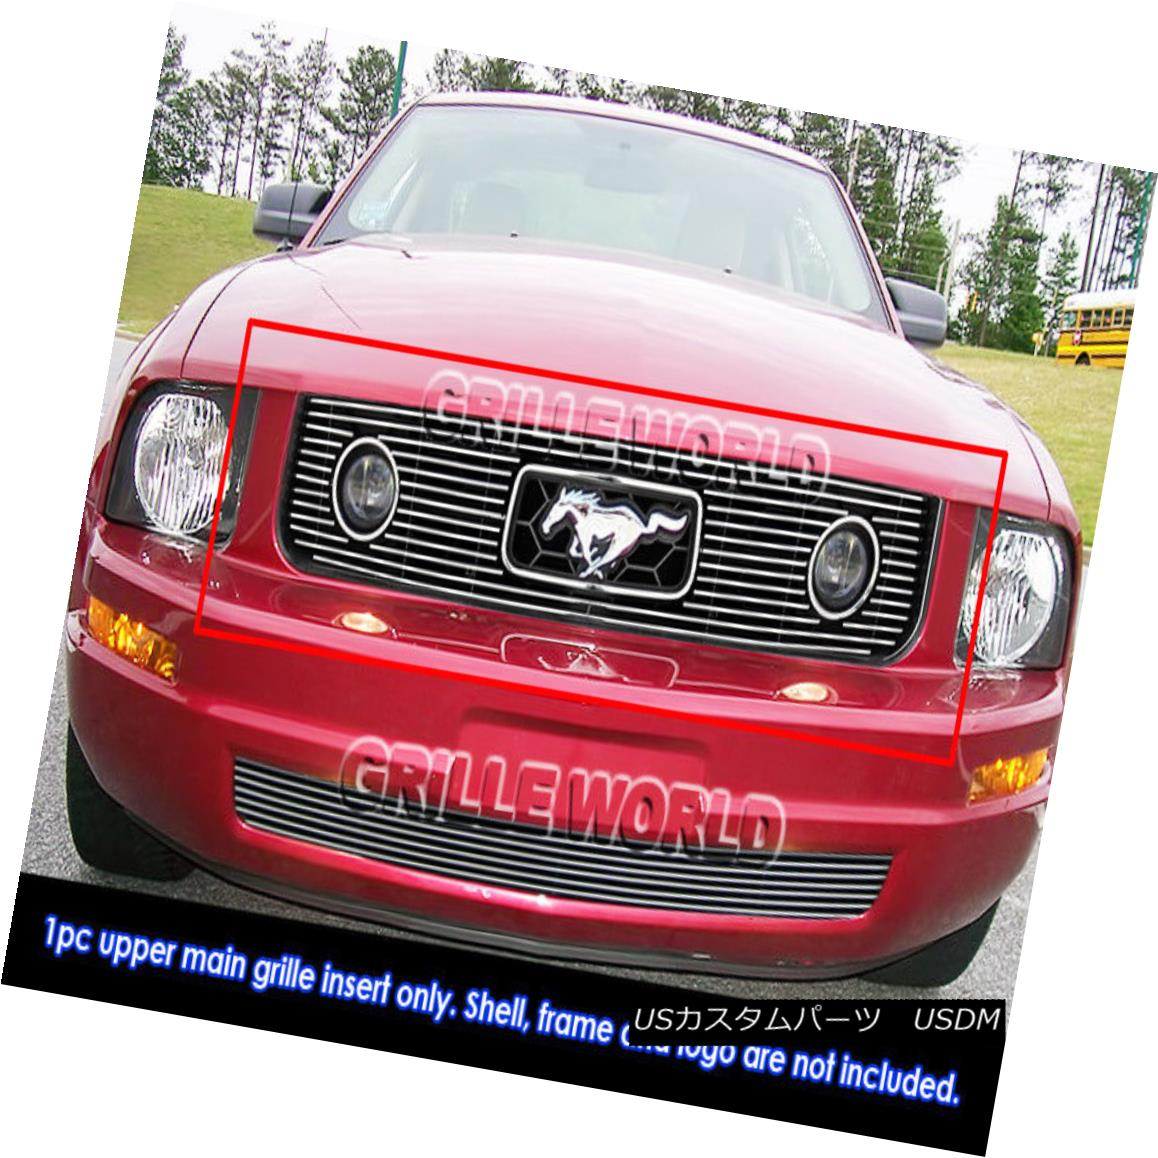 グリル Fits 2005-2009 Ford Mustang V6 Only Fit Pony Package Billet Grille Grill Insert フィット2005-2009フォードマスタングV6のみフィットポニーパッケージビレットグリルグリルインサート